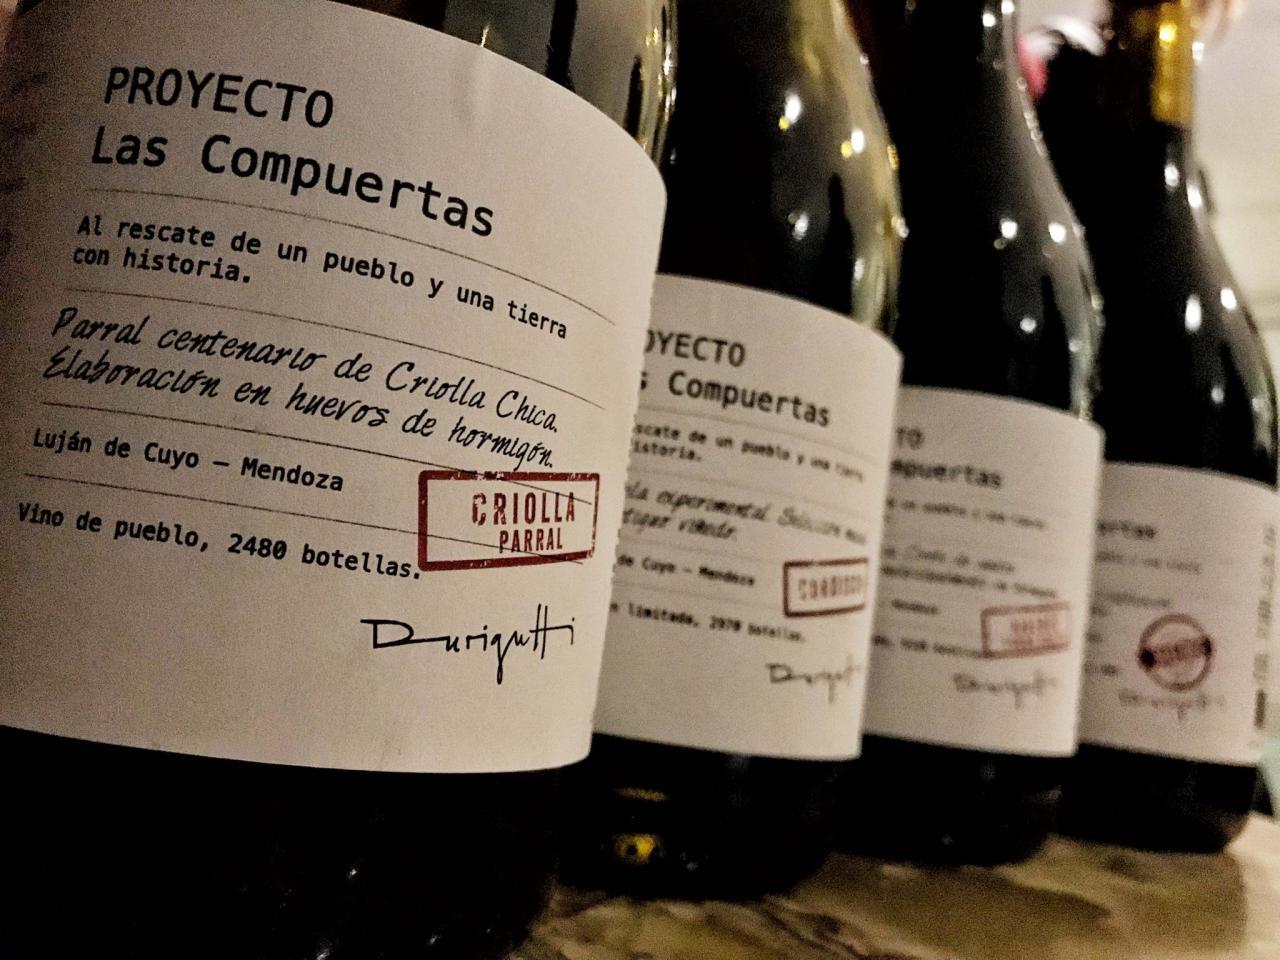 Proyecto-Las-Compuertas 4 bottles.jpg